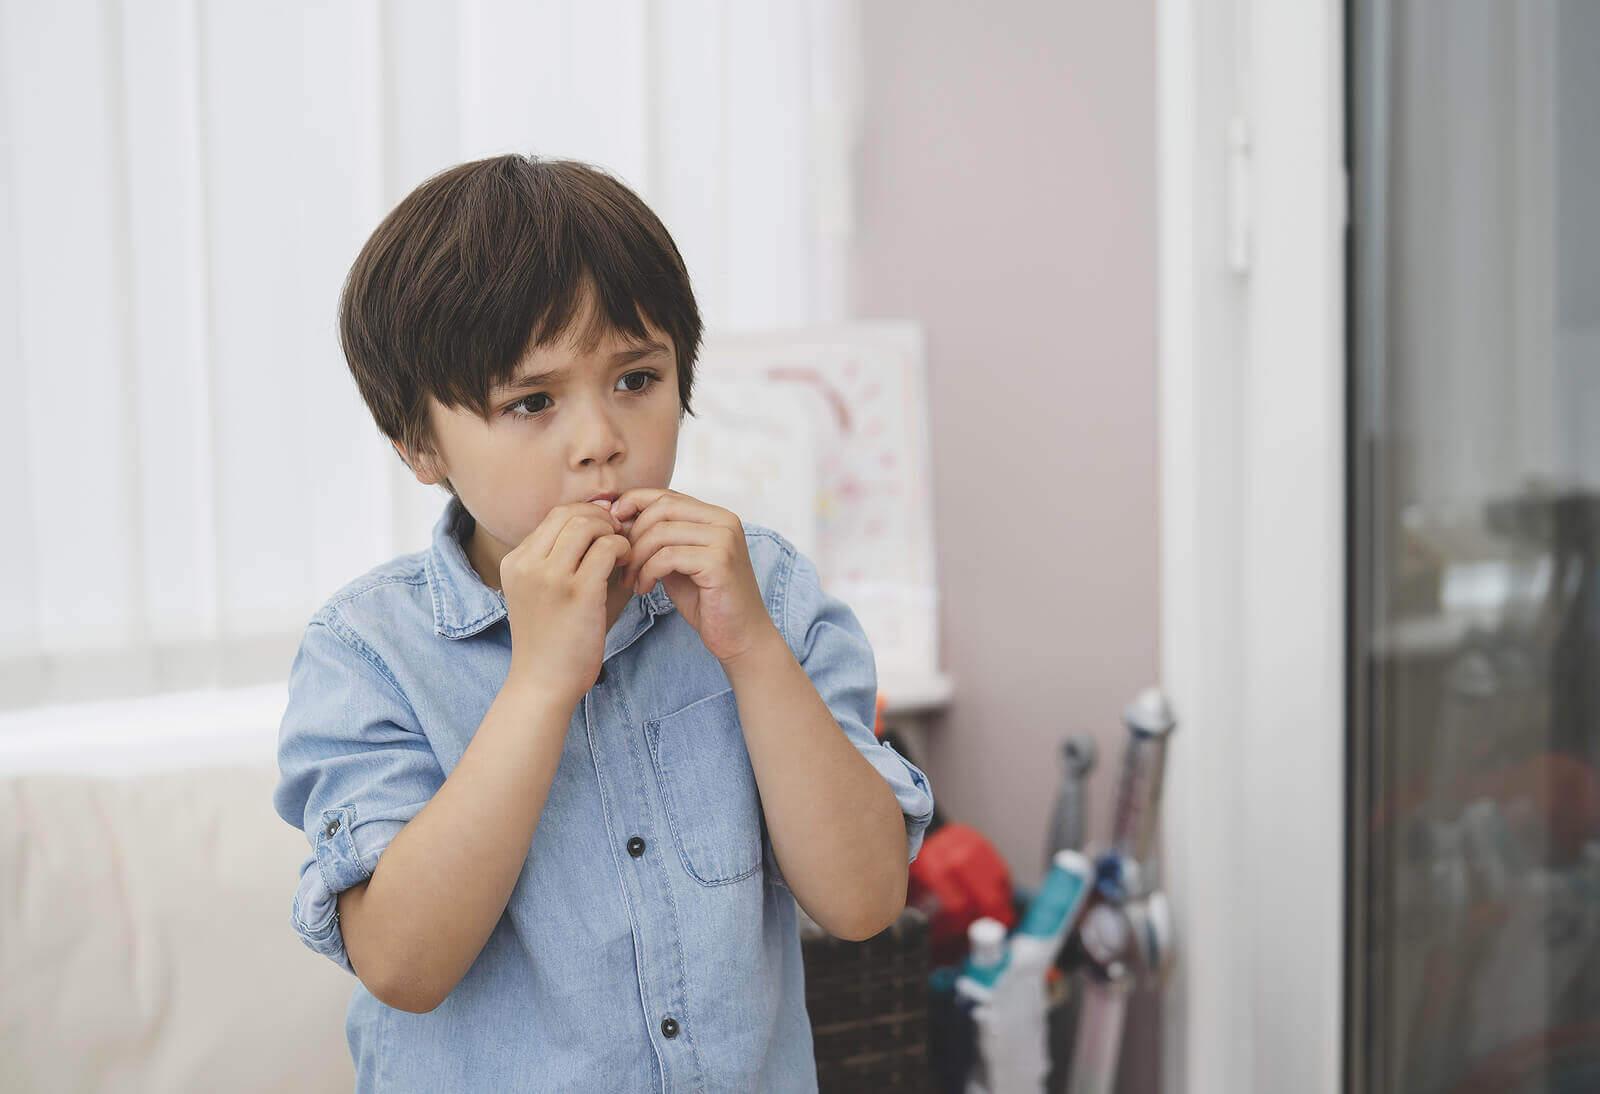 Lapsen impulsiivinen käyttäytyminen voi johtua esimerkiksi ADHD:sta